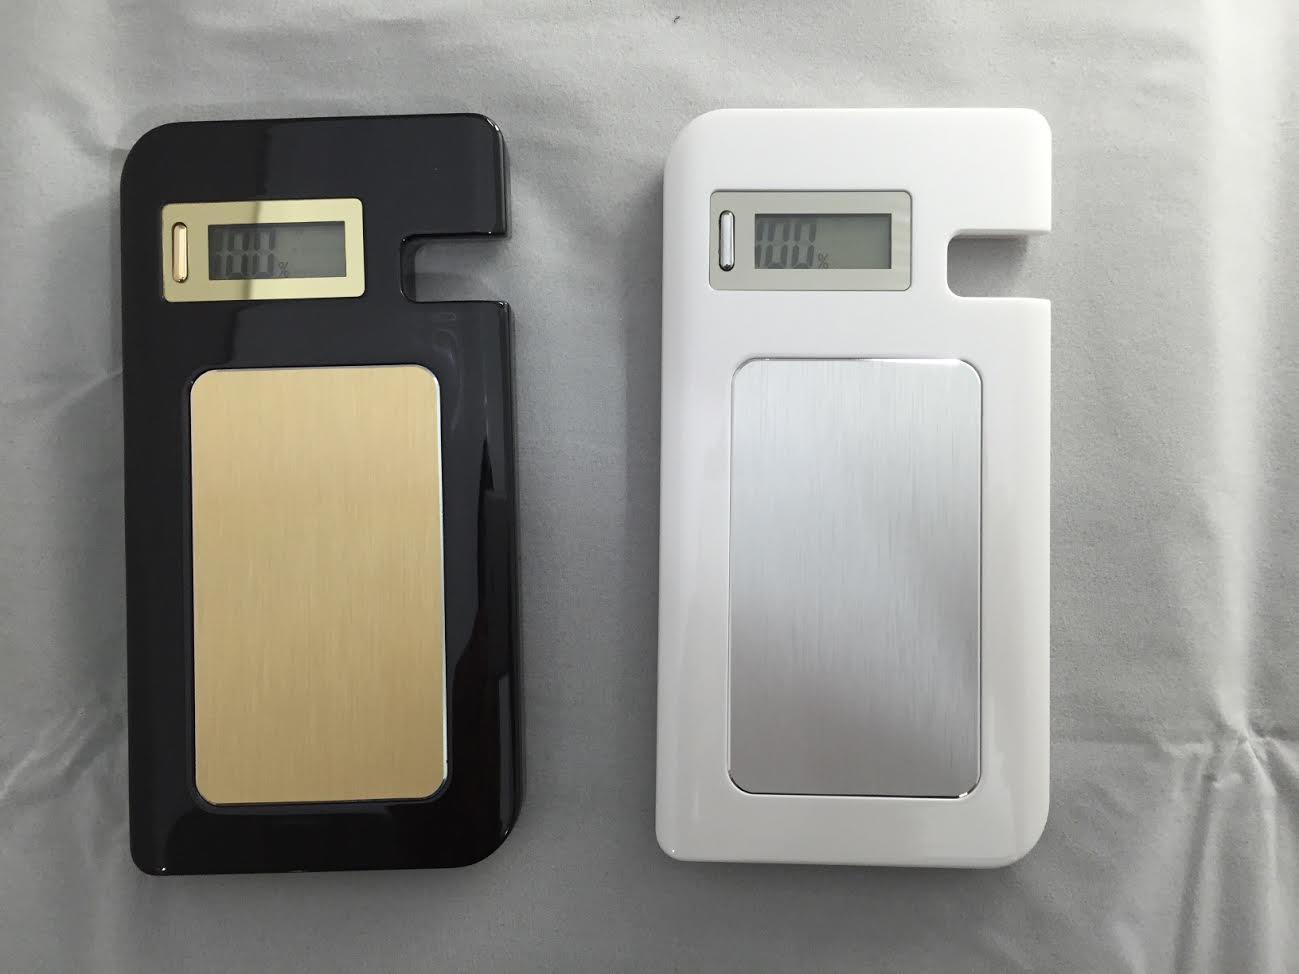 NEW MODEL SLIM POWER BANK 6000 mah_2